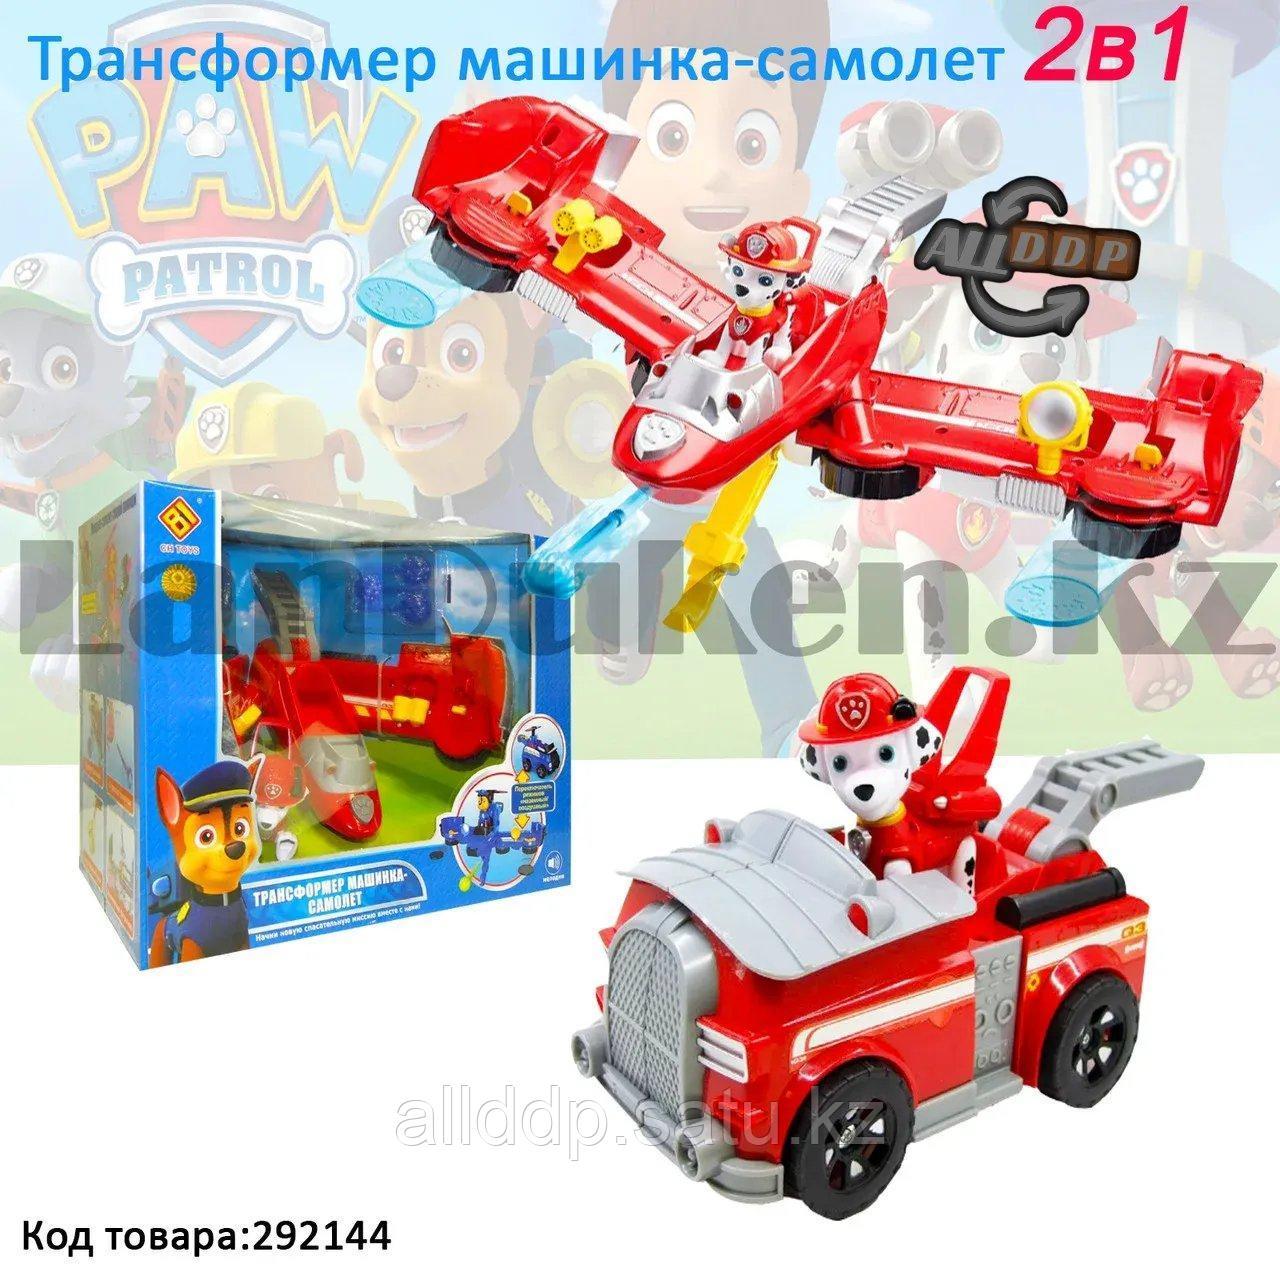 Игровой набор Щенячий Патруль Маршалл и пожарная машина трансформер 2в1 с боевыми снарядами CH-506 Paw Patrol - фото 1